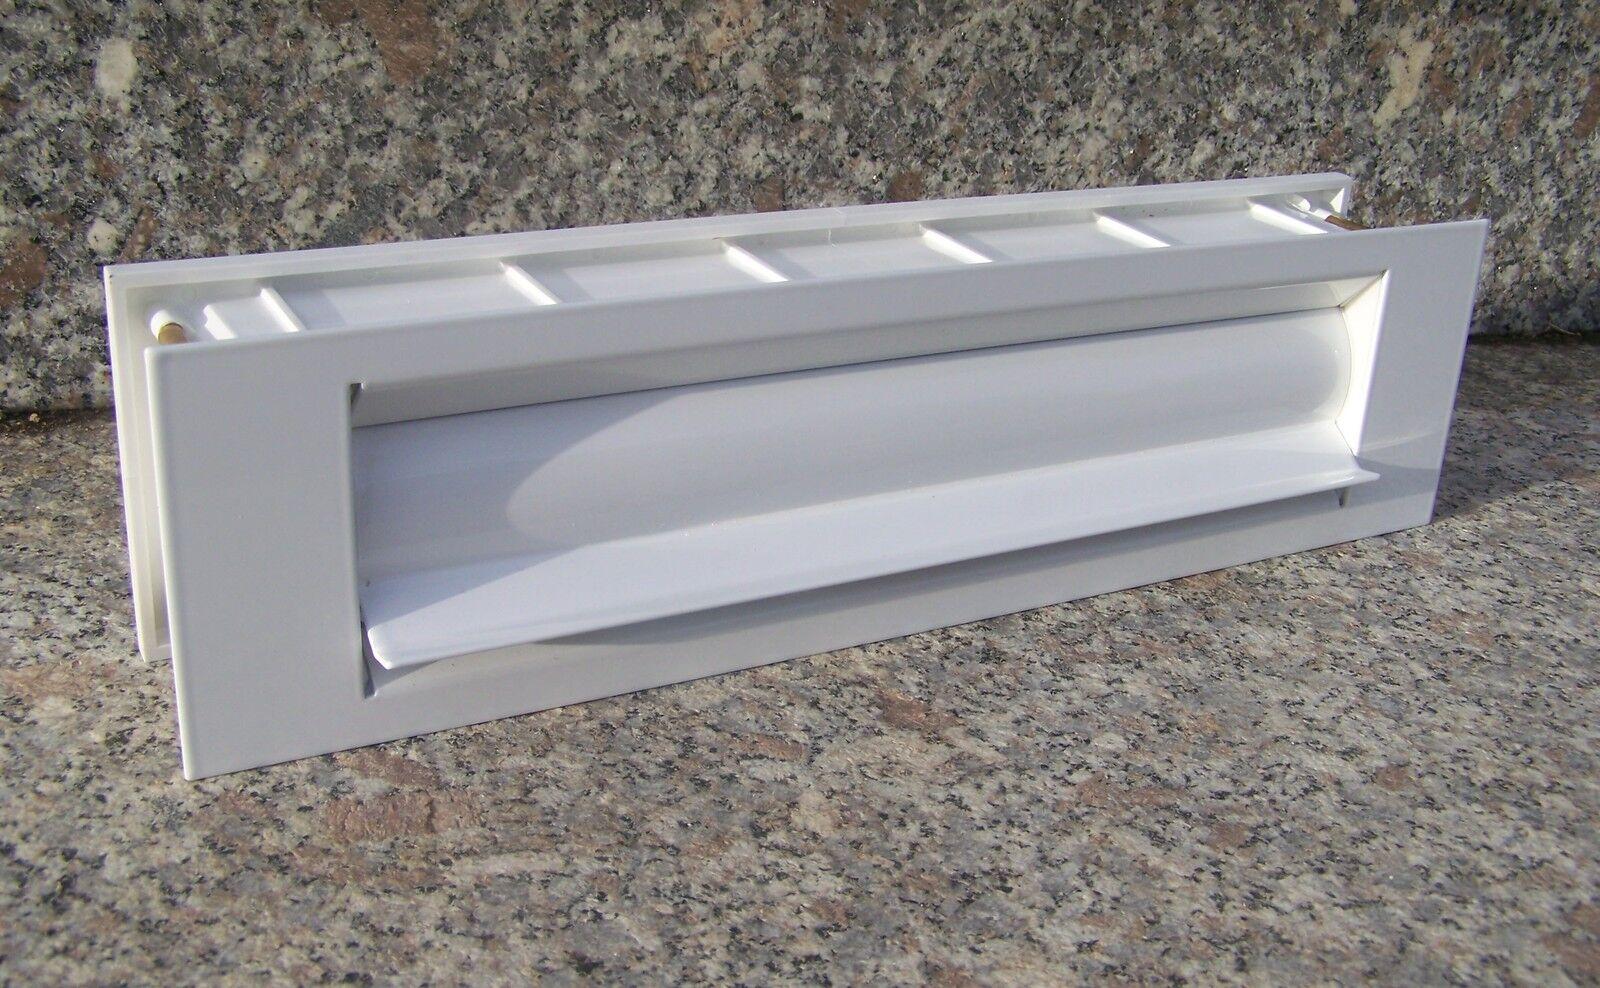 Briefschlitz gedämmt isoliert Briefklappe Briefeinwurf Postklappe weiß BEH12